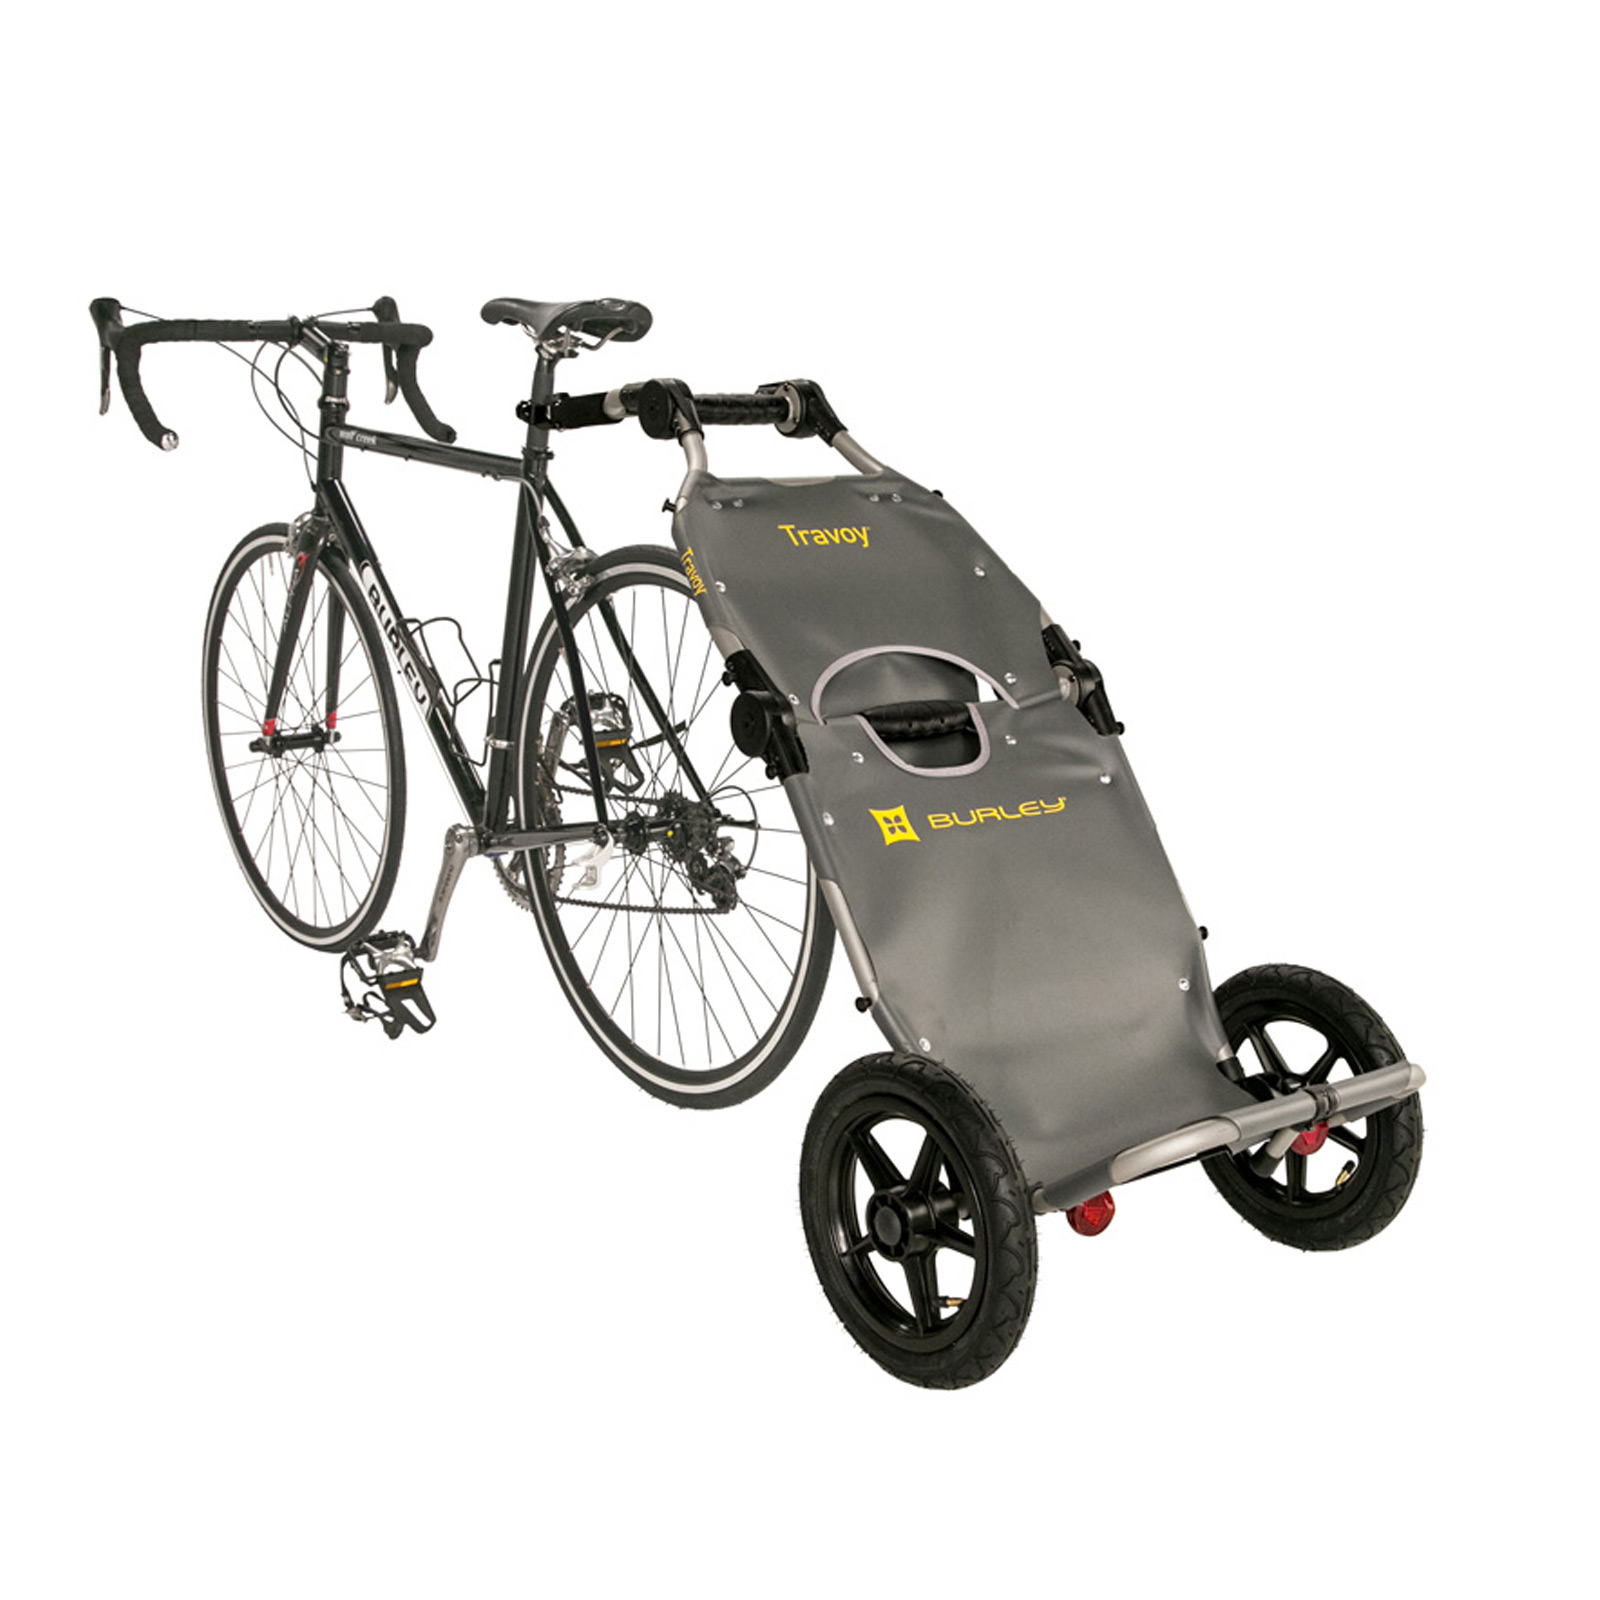 fahrrad lastenanh nger burley travoy einkaufstrolley transportanh nger shopper ebay. Black Bedroom Furniture Sets. Home Design Ideas